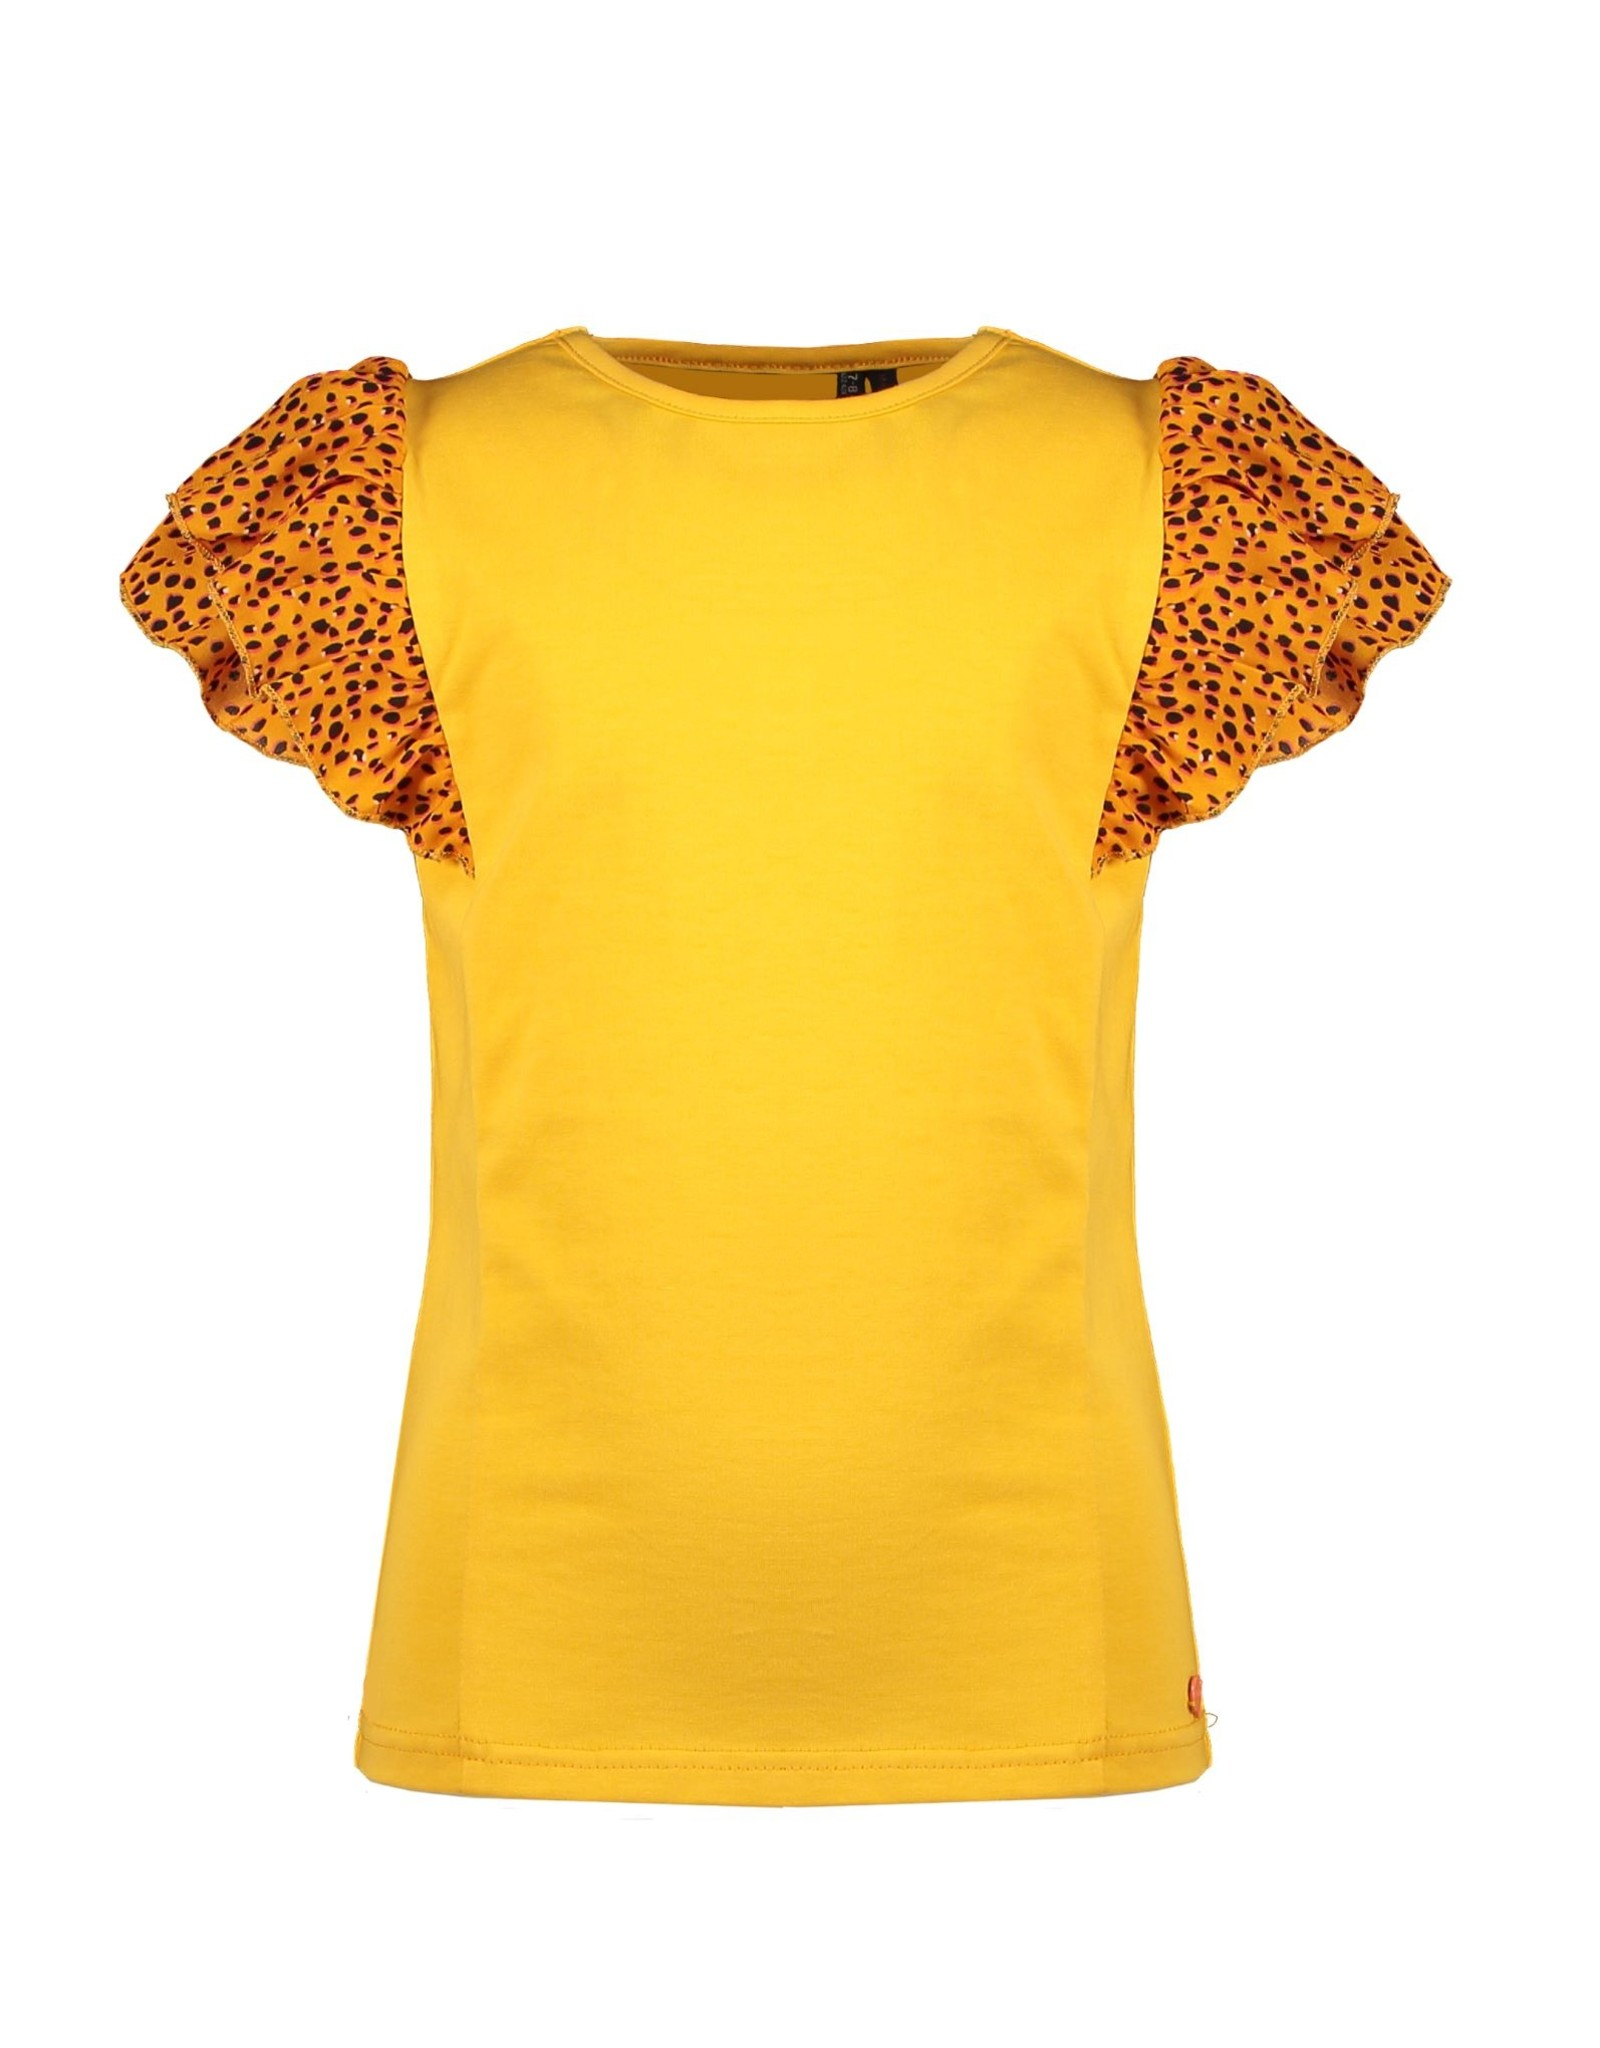 NONO NONO shirt 5407 blazing orange